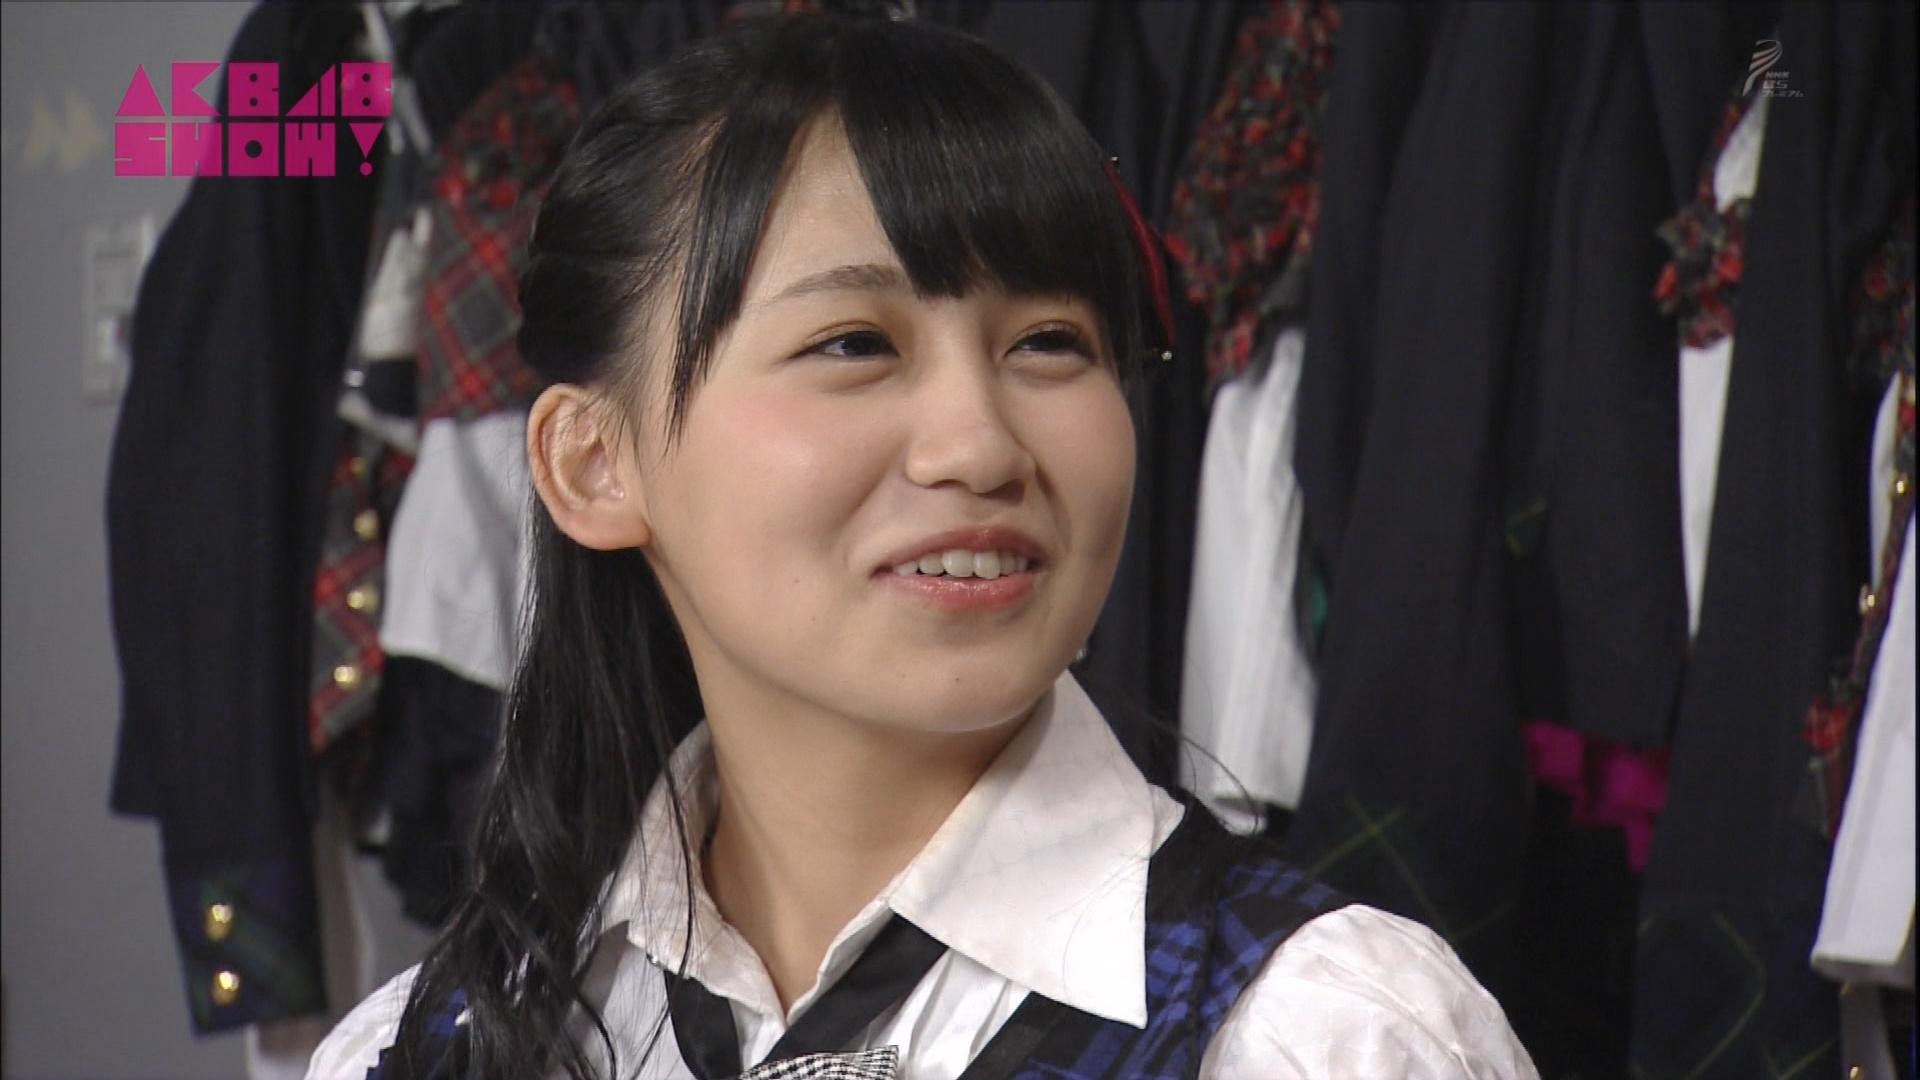 小嶋真子 彼女になれますか AKB48SHOW! 20140906